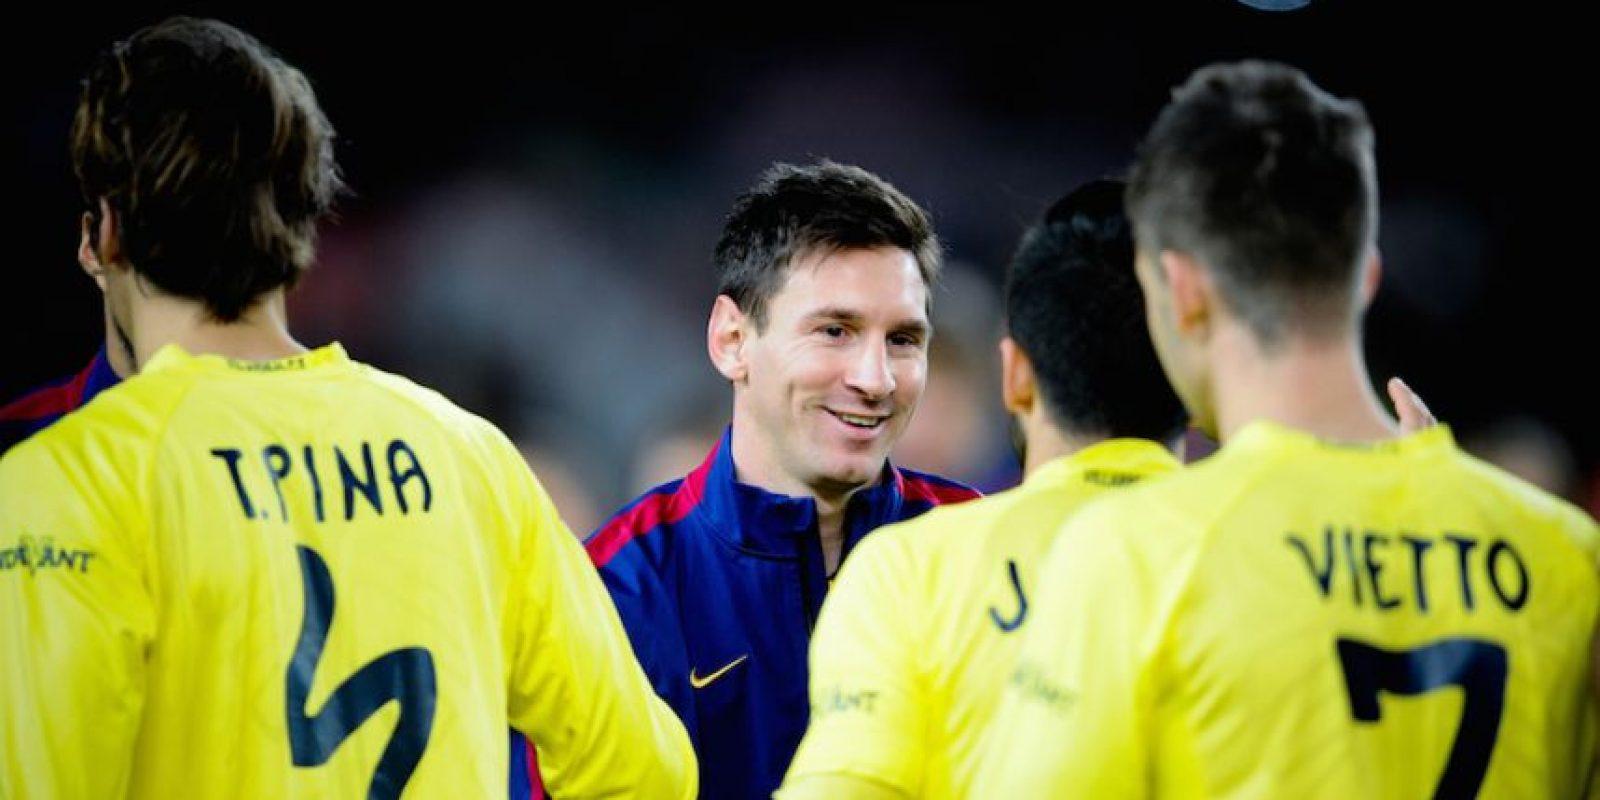 El argentino se mostró sonriente antes de iniciar el partido. Foto:Getty Images